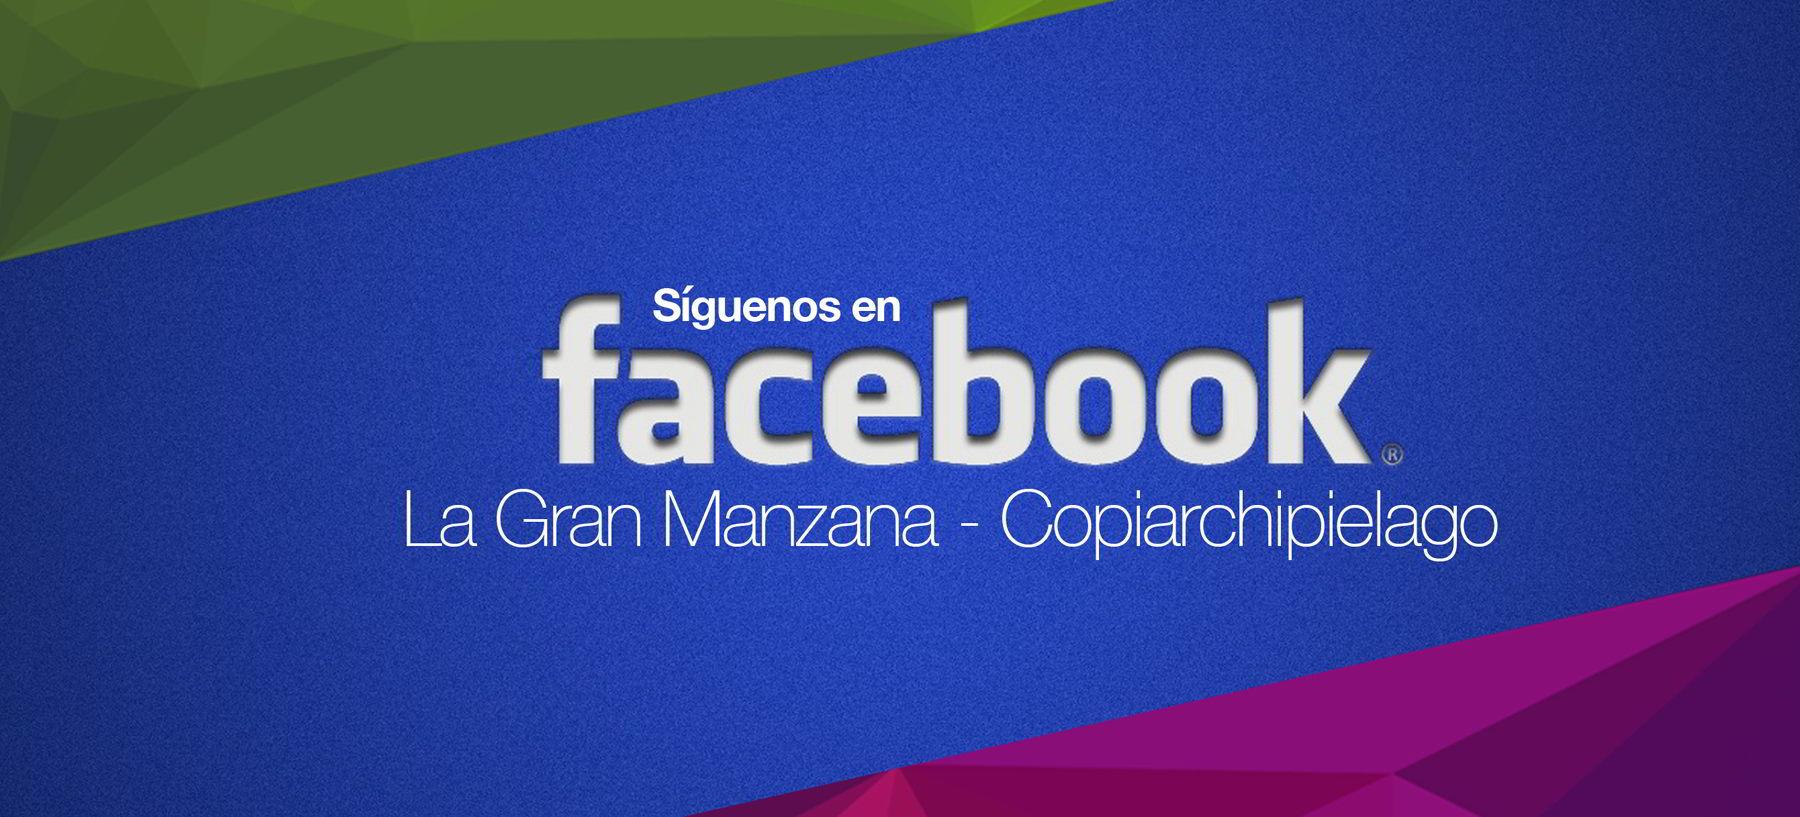 facebook-expe